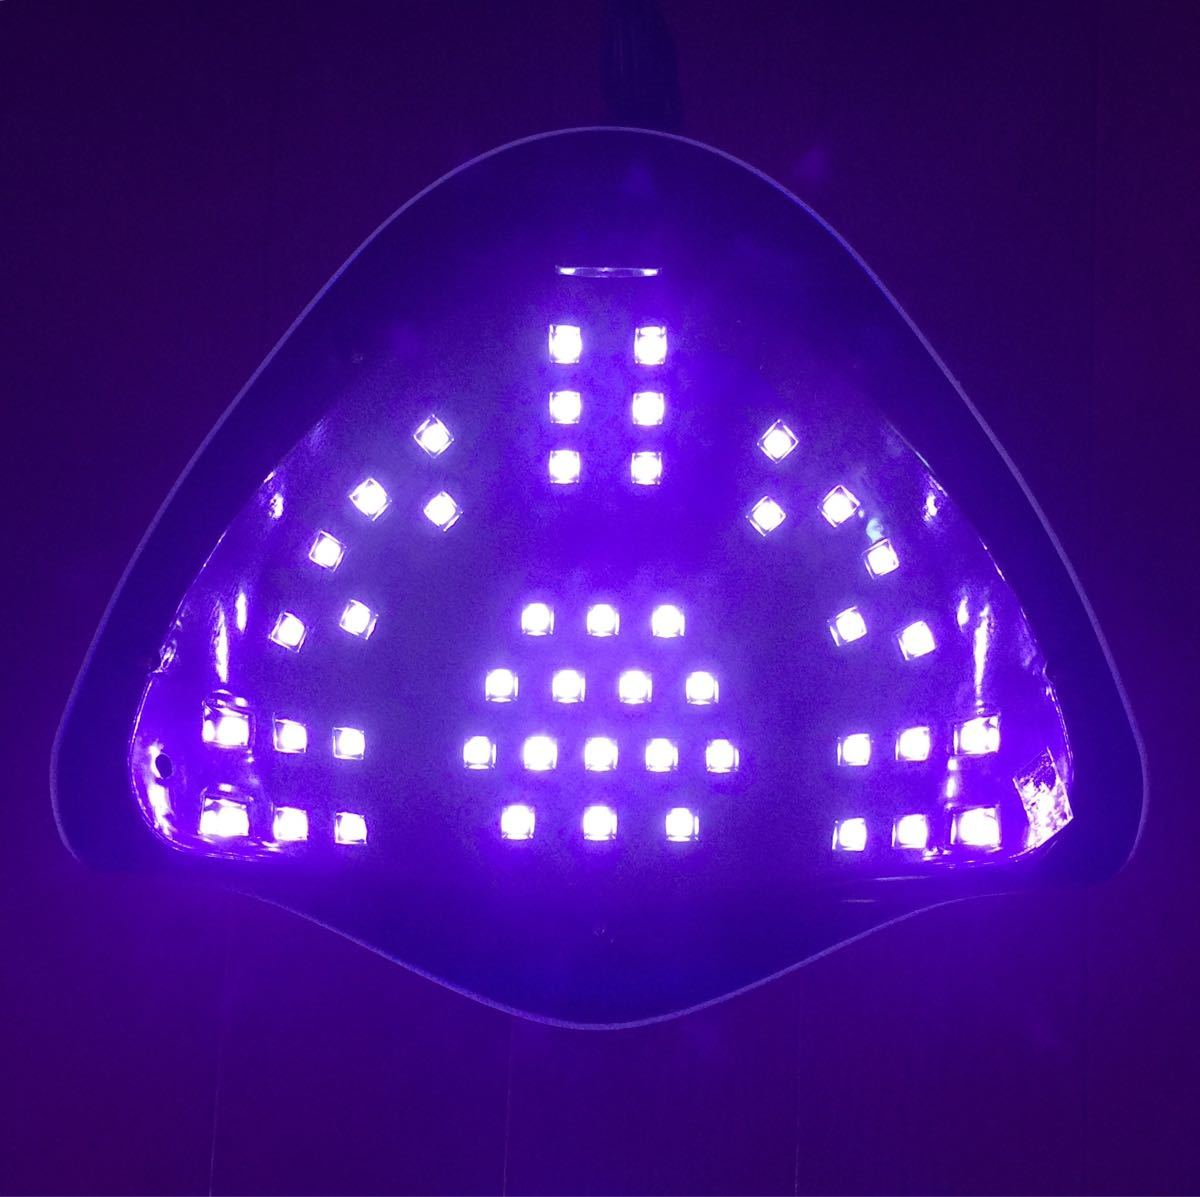 UV 強化型45LED SAN-V1  120W ネイルドライヤー